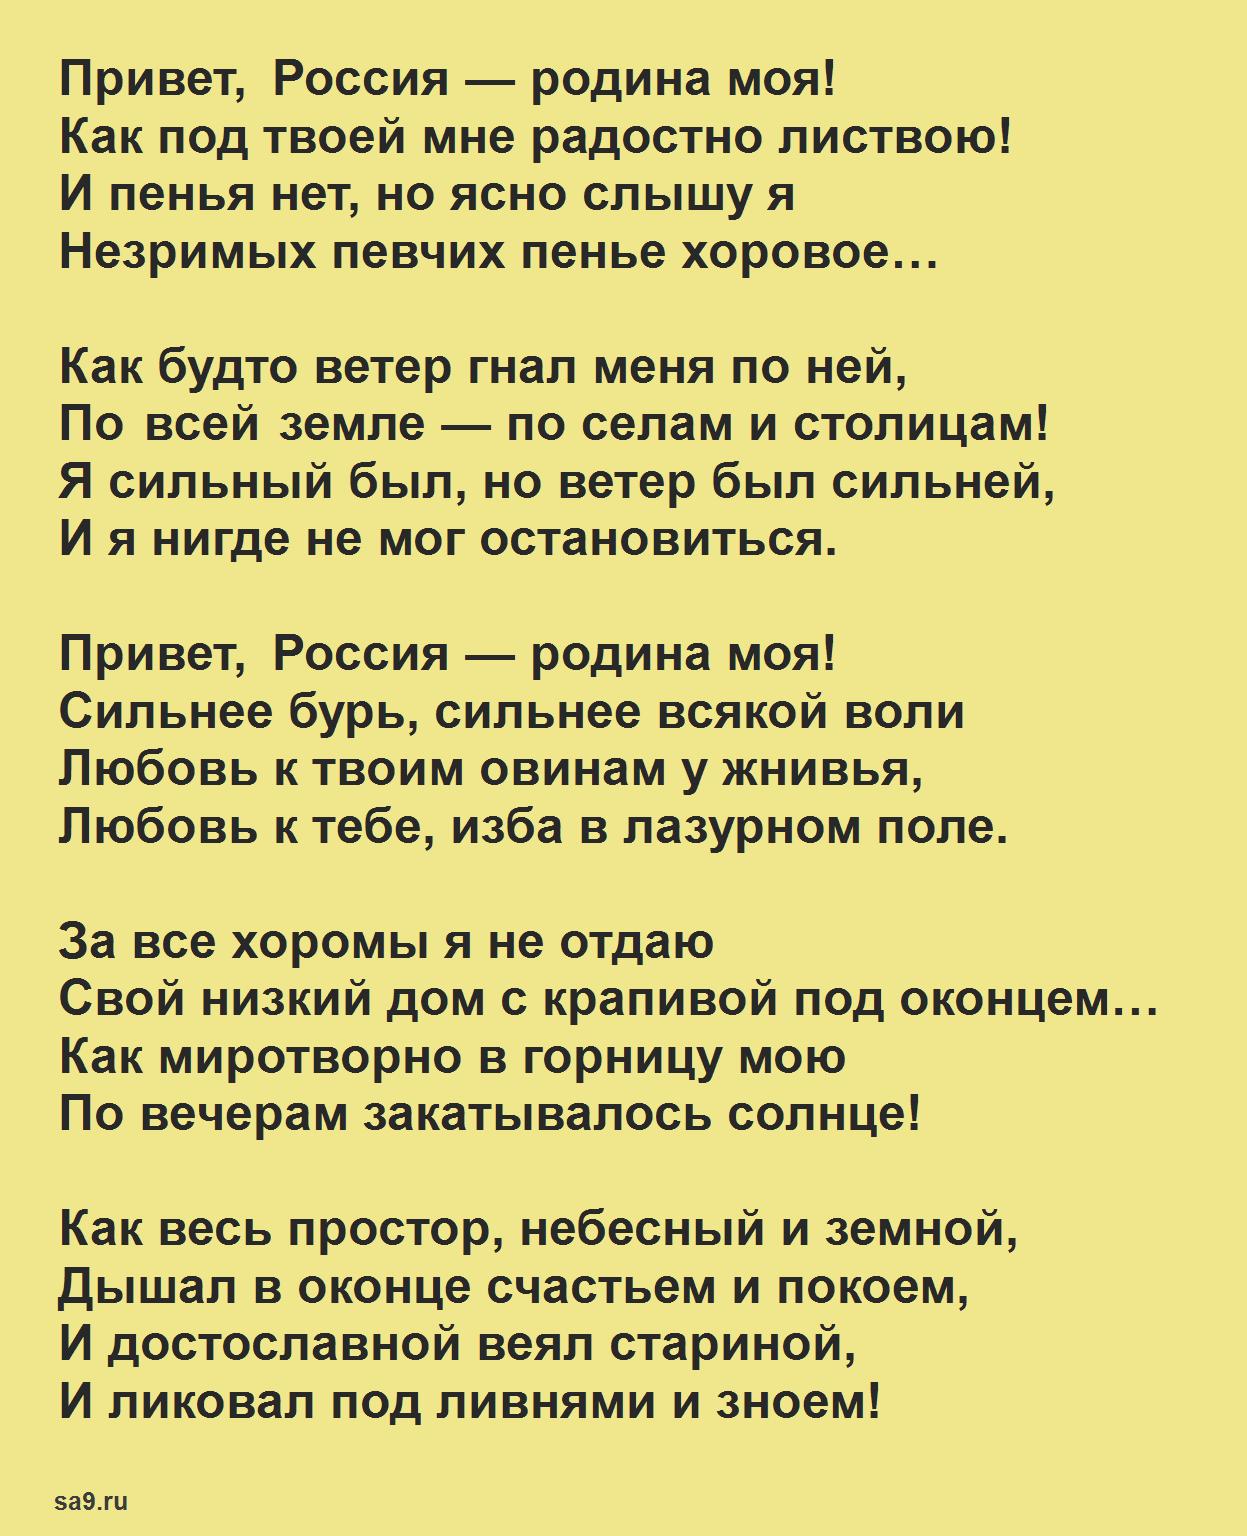 Стих Рубцова - Привет Россия, 20 строк